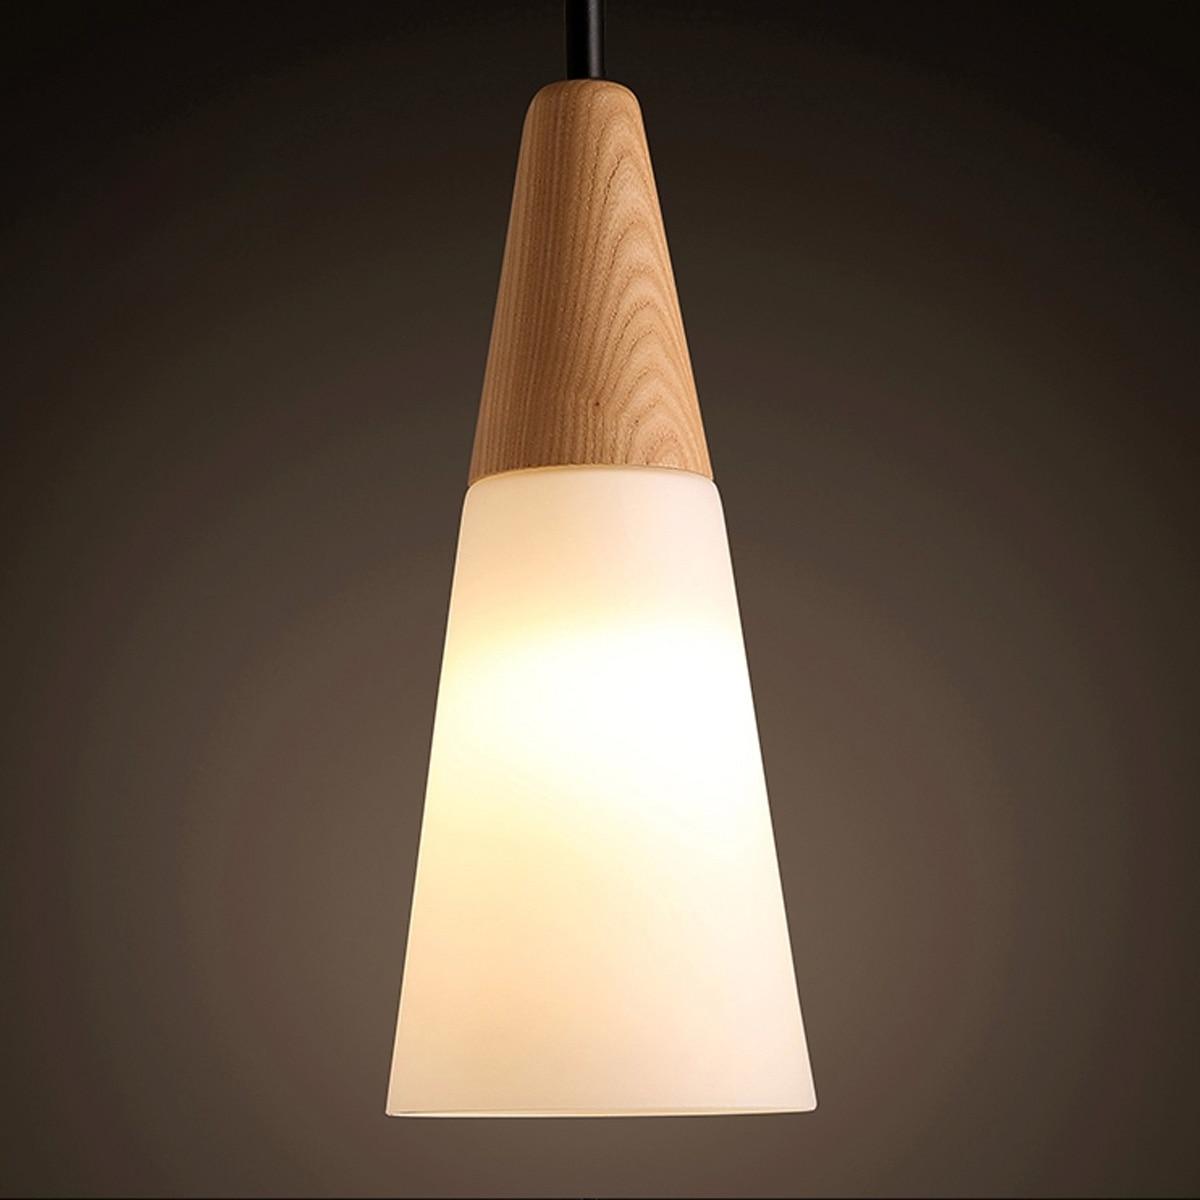 Japan pendelleuchte moderne pendelleuchten kreiskegel form anhänger lampen schlafzimmer esszimmer beleuchtung dekor